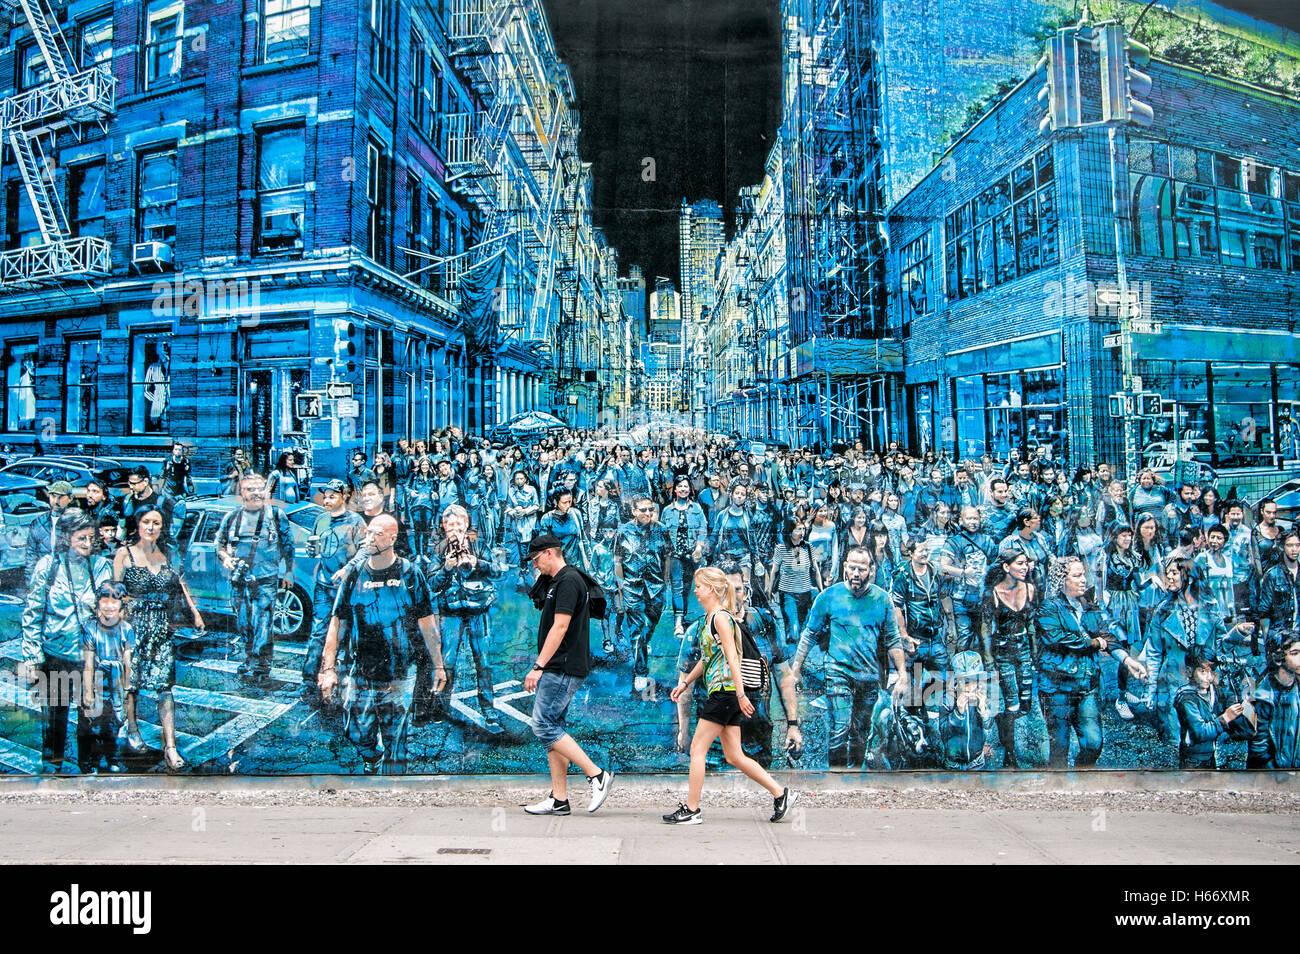 Large mural, Graffiti art, Street art, artist Logan Hicks, SoHo, Houston Street, Manhattan, New York City - Stock Image